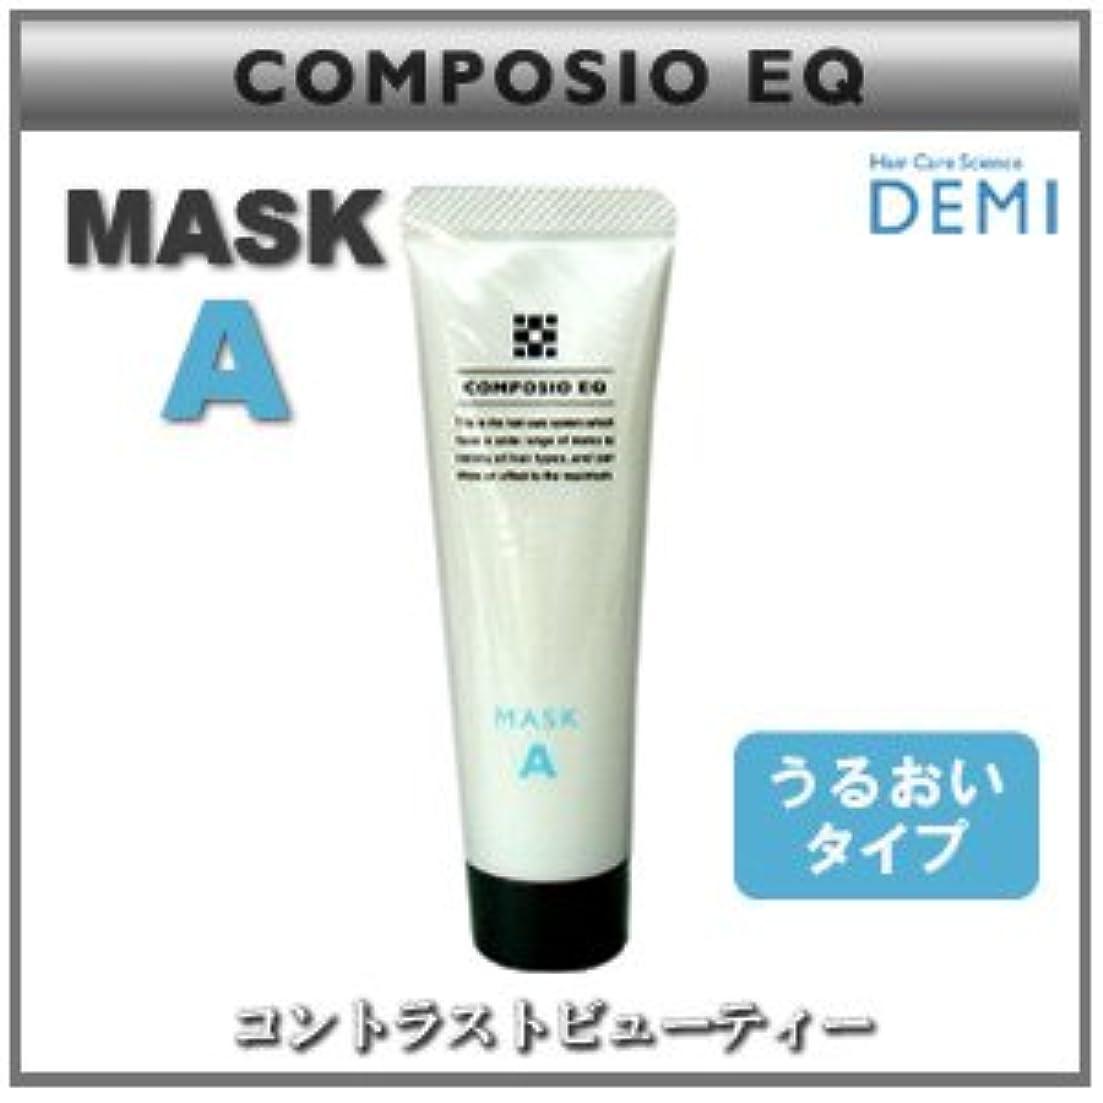 ポジションご覧ください航空【X5個セット】 デミ コンポジオ EQ マスク A 50g